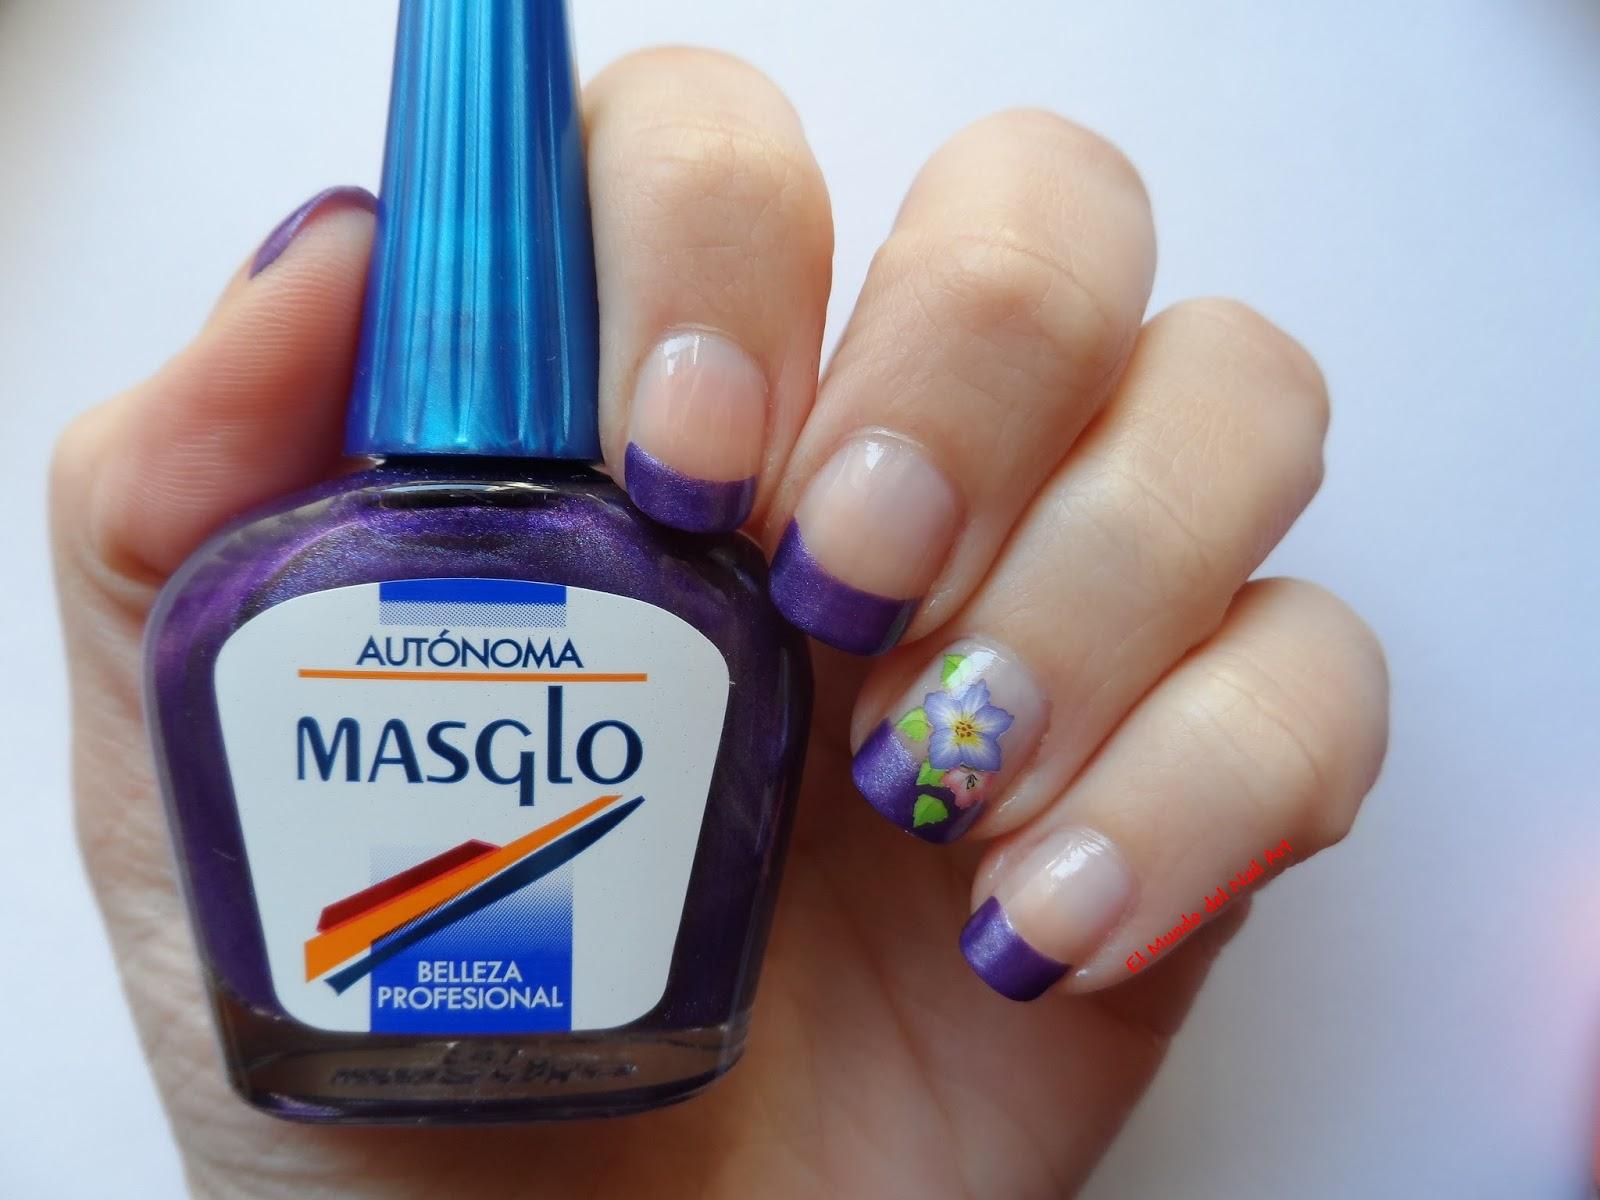 El mundo del nail art manicura francesa aut noma - Manicura francesa colores ...